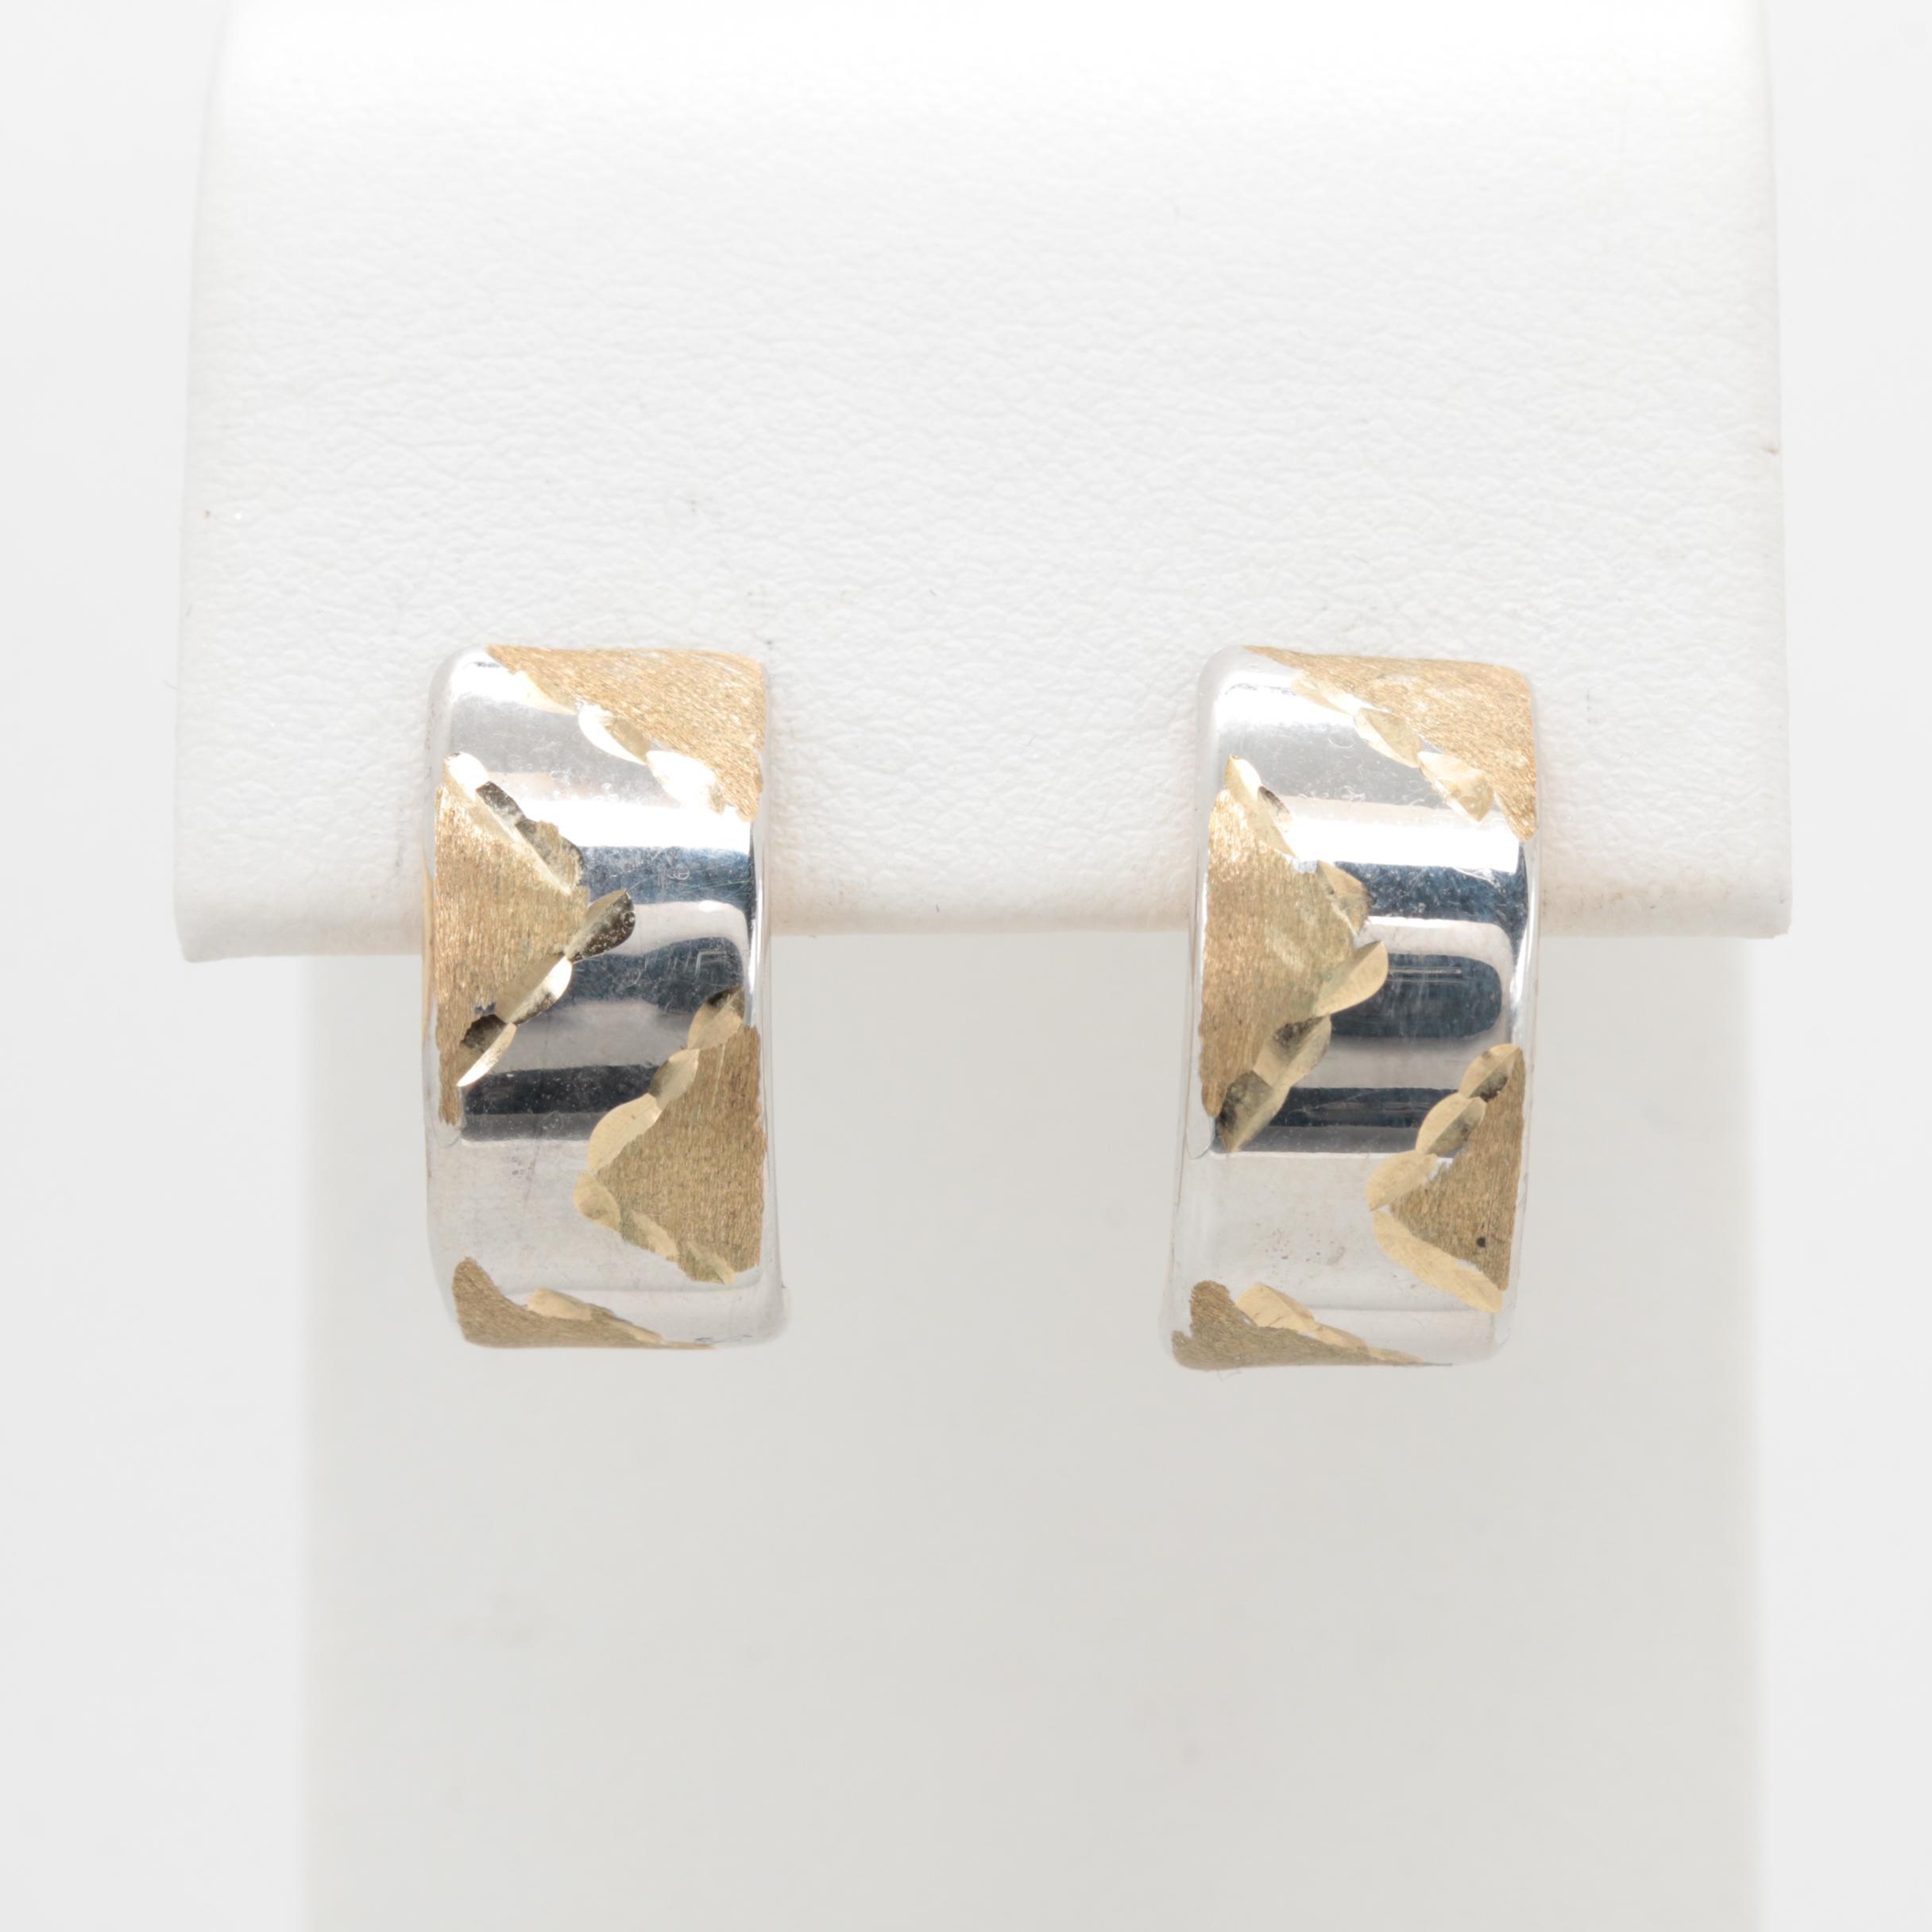 10K Yellow Gold Half Loop Earrings